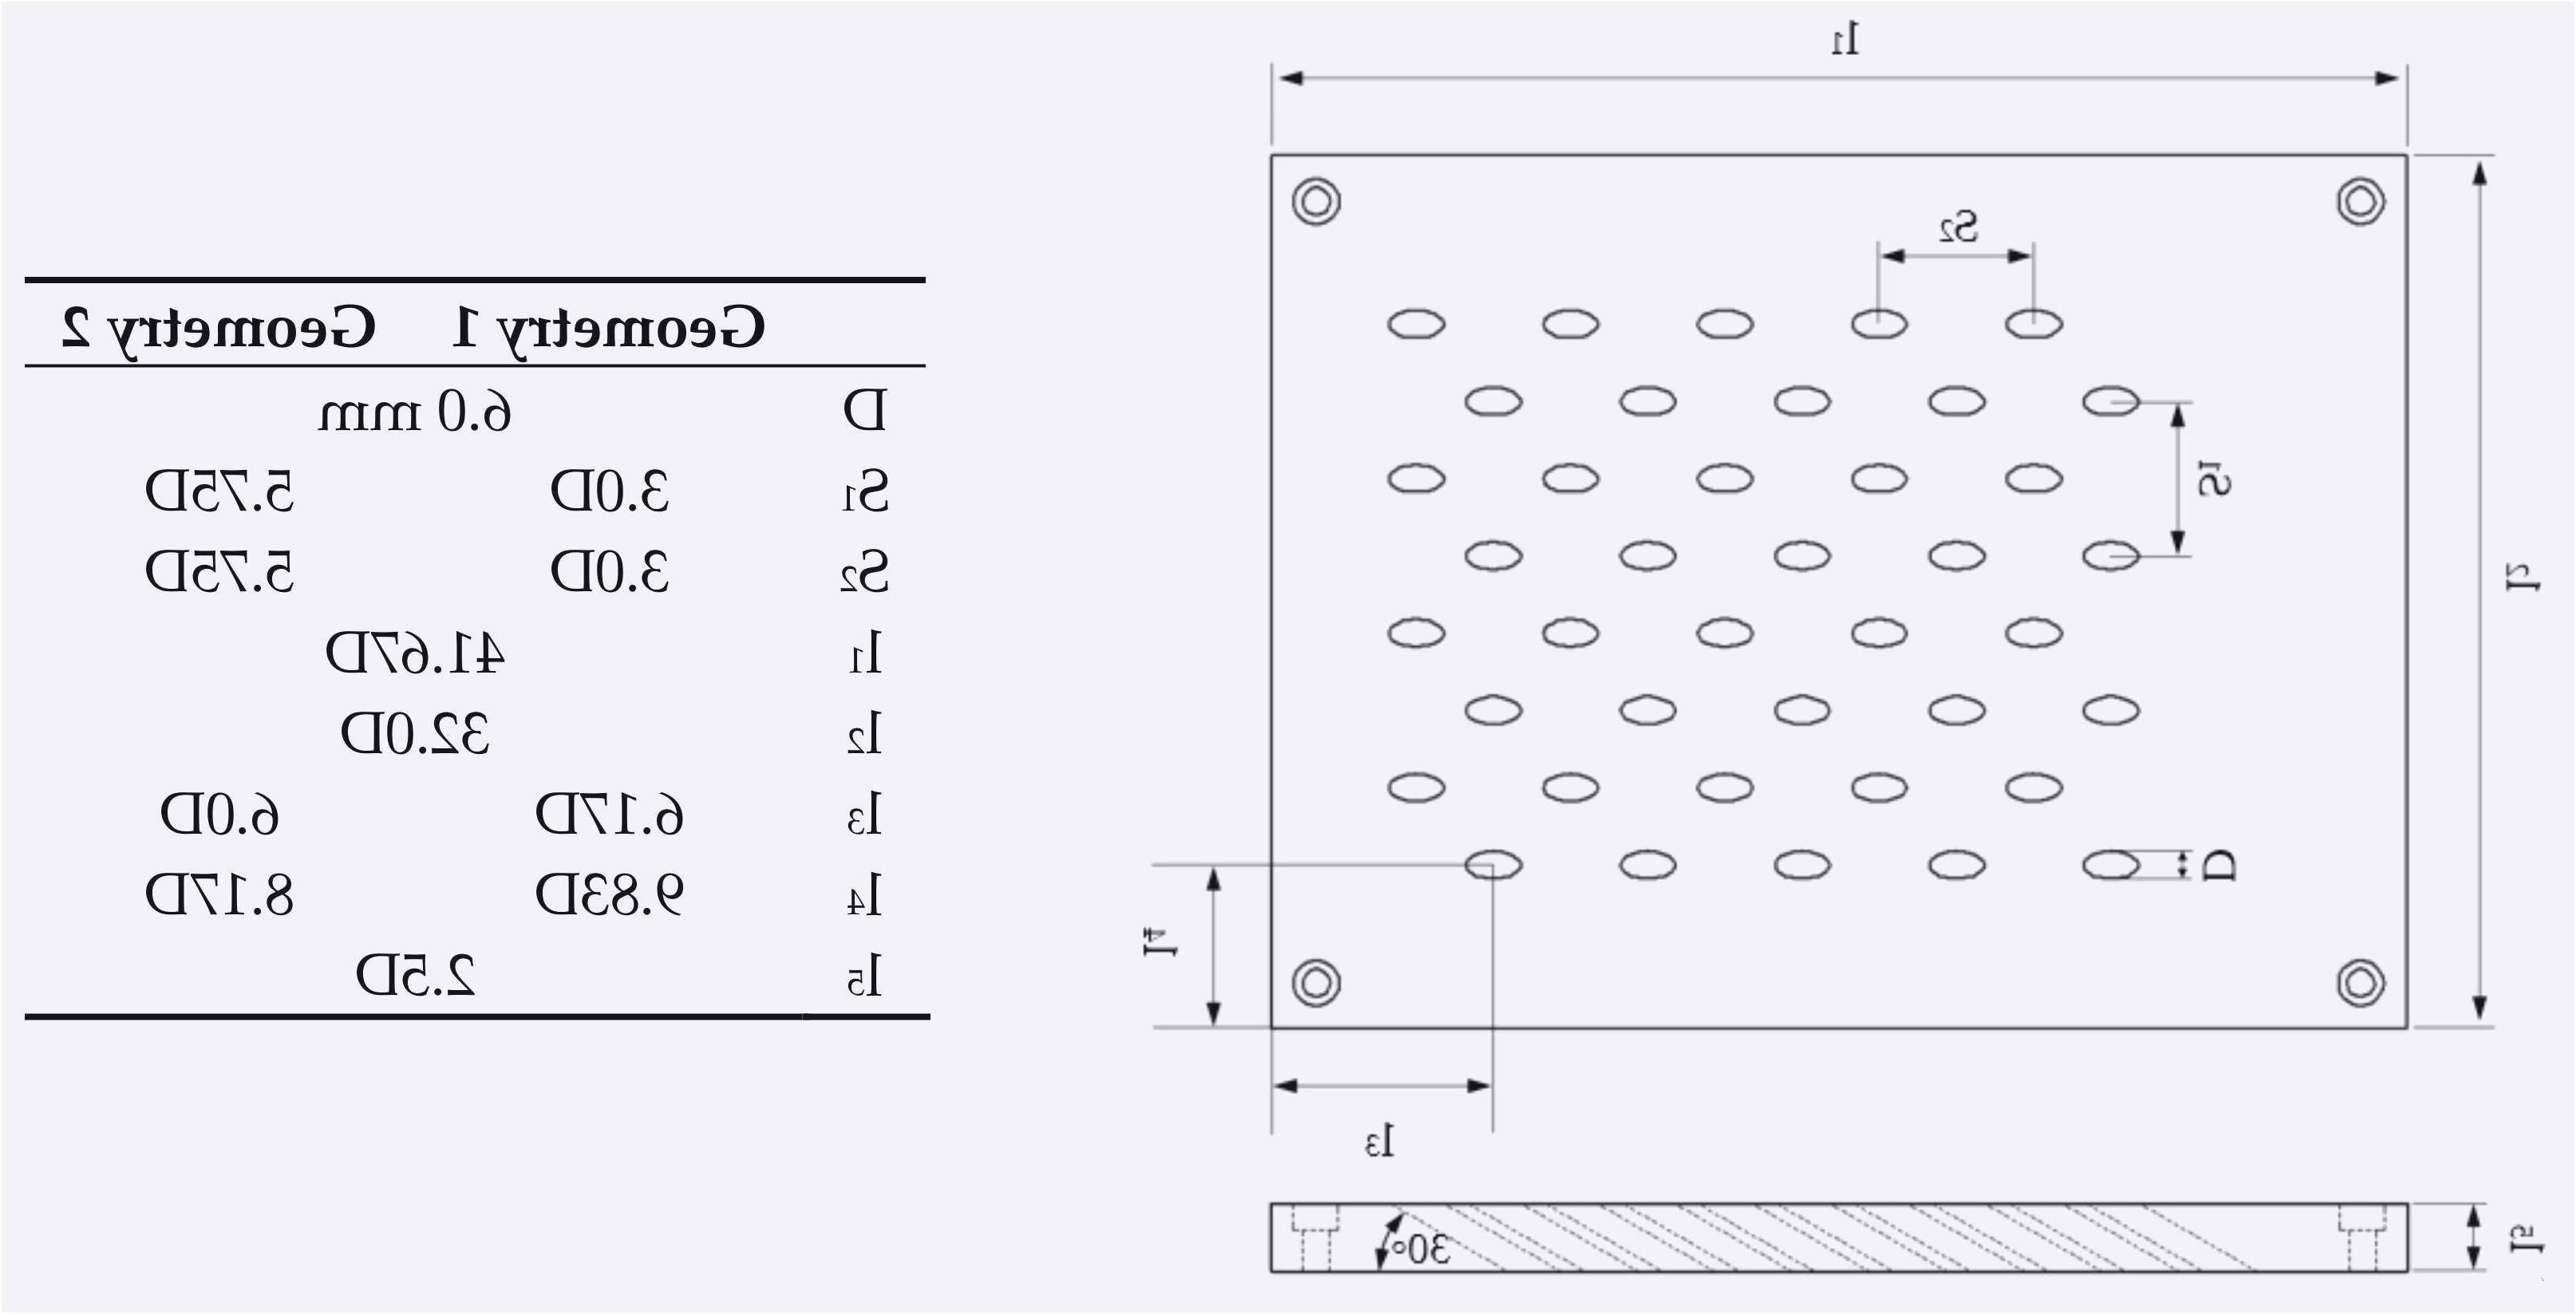 Minions Bilder Zum Ausdrucken Frisch 25 Frisch Minion Malvorlage – Malvorlagen Ideen Bild